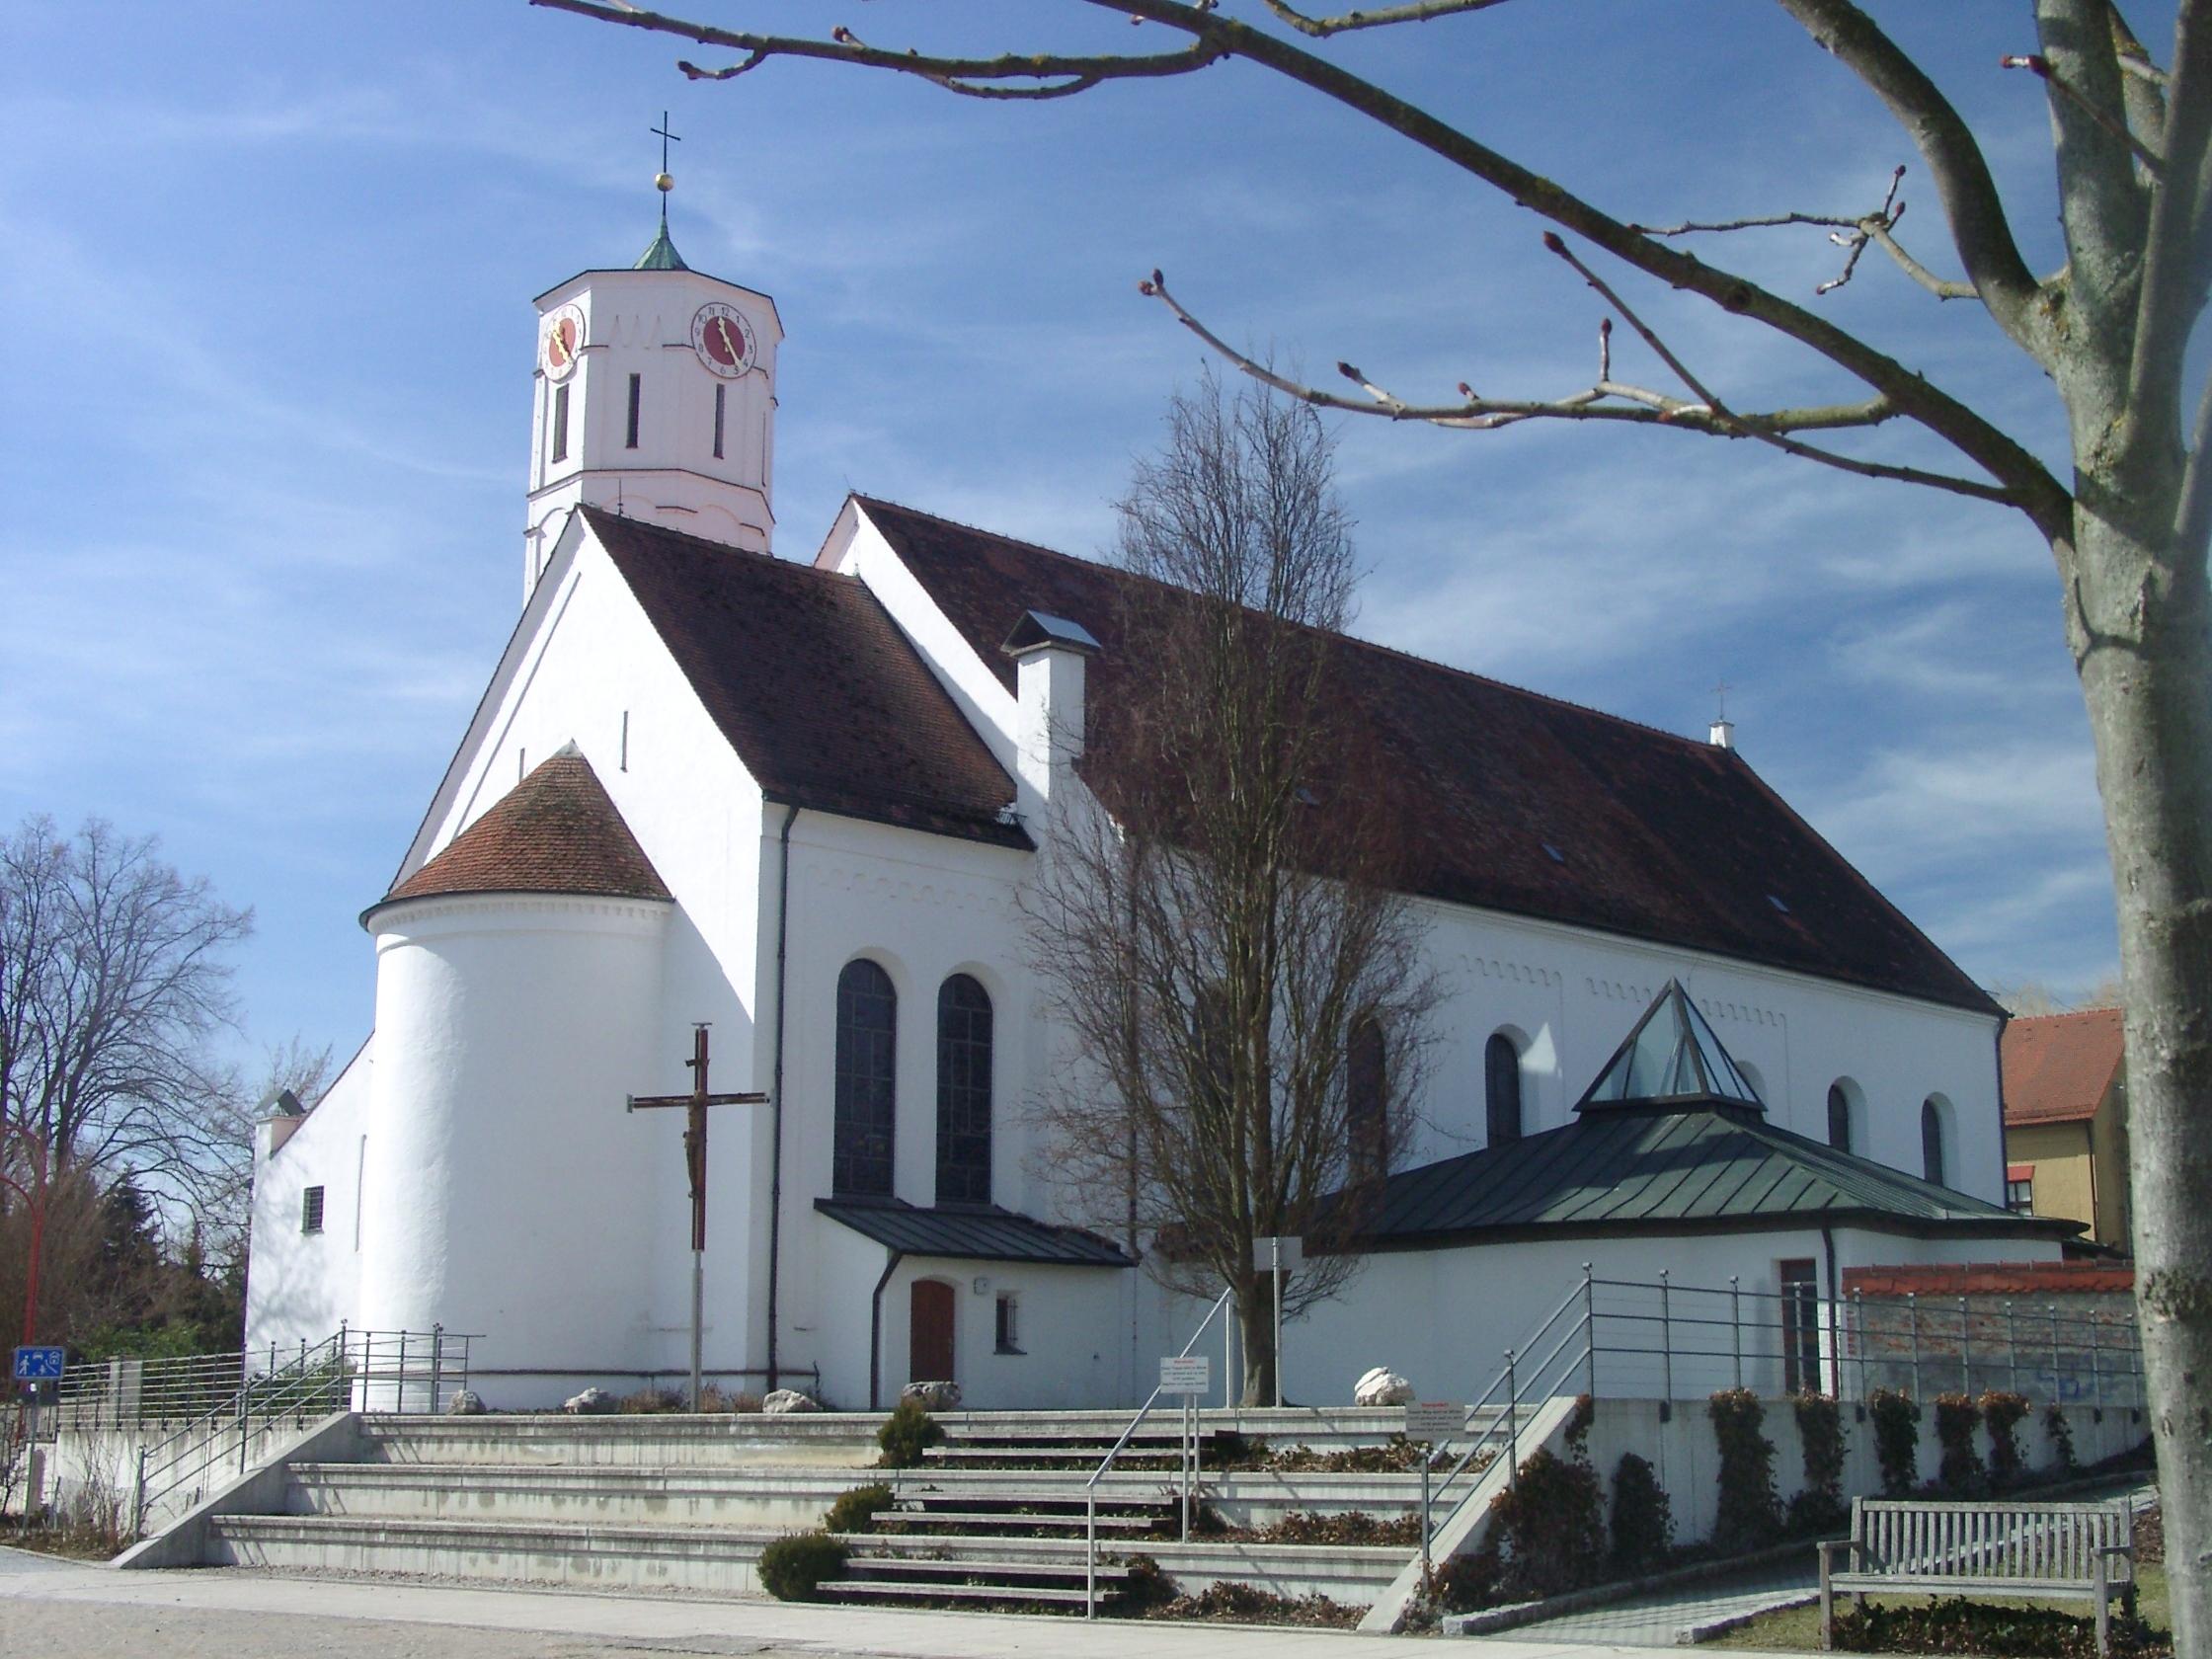 St. Jakobus major (Gersthofen)